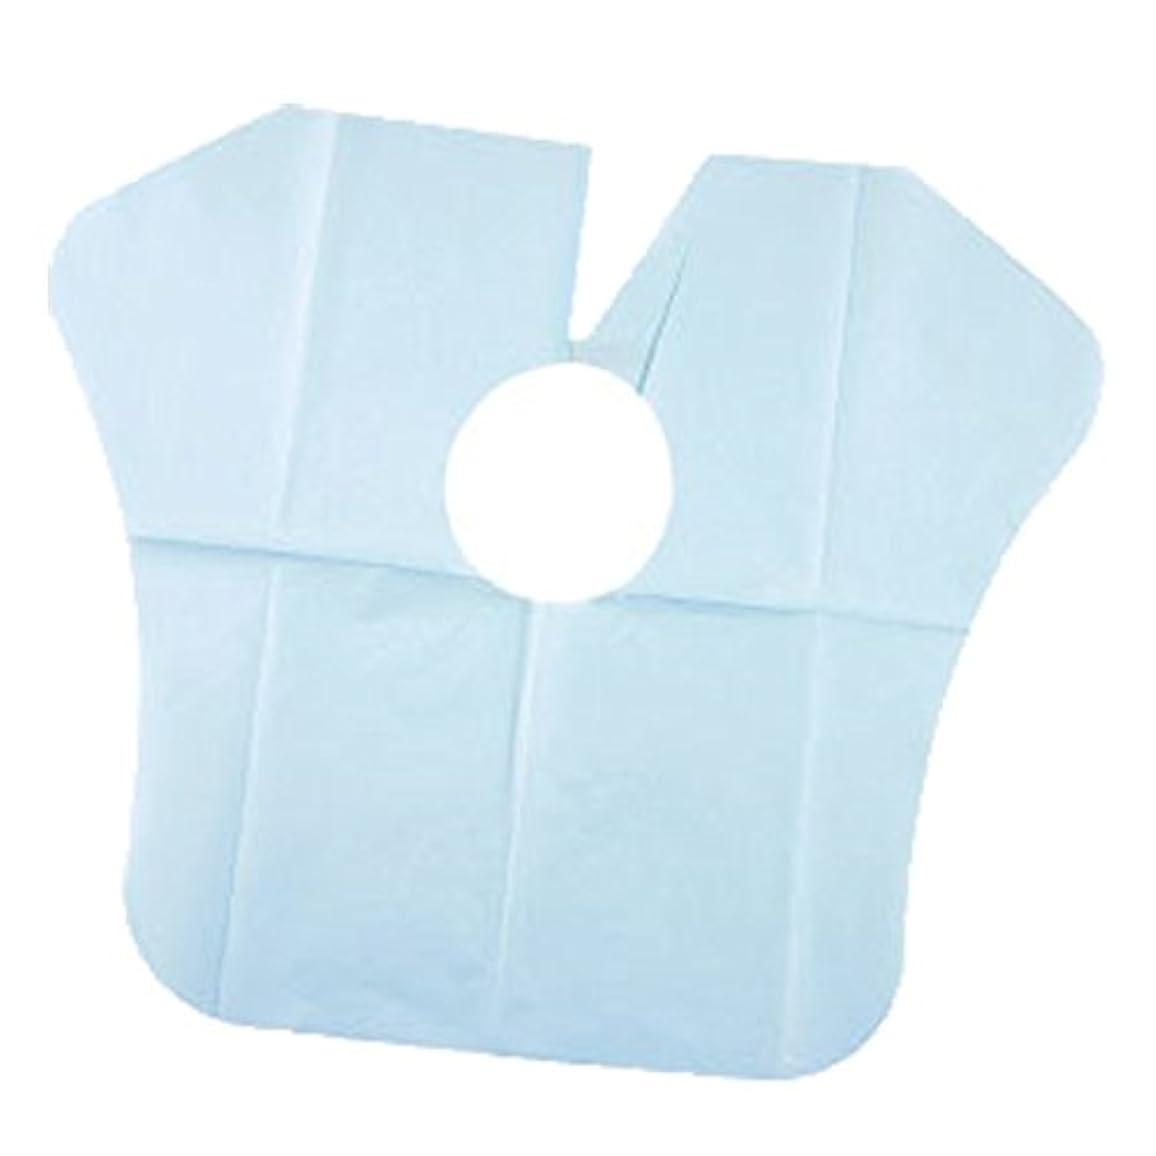 規定のホストアコーヨネコ ペーパーケープ 30枚入 不織布 ヘアダイクロスを汚れから守ります! YONECO